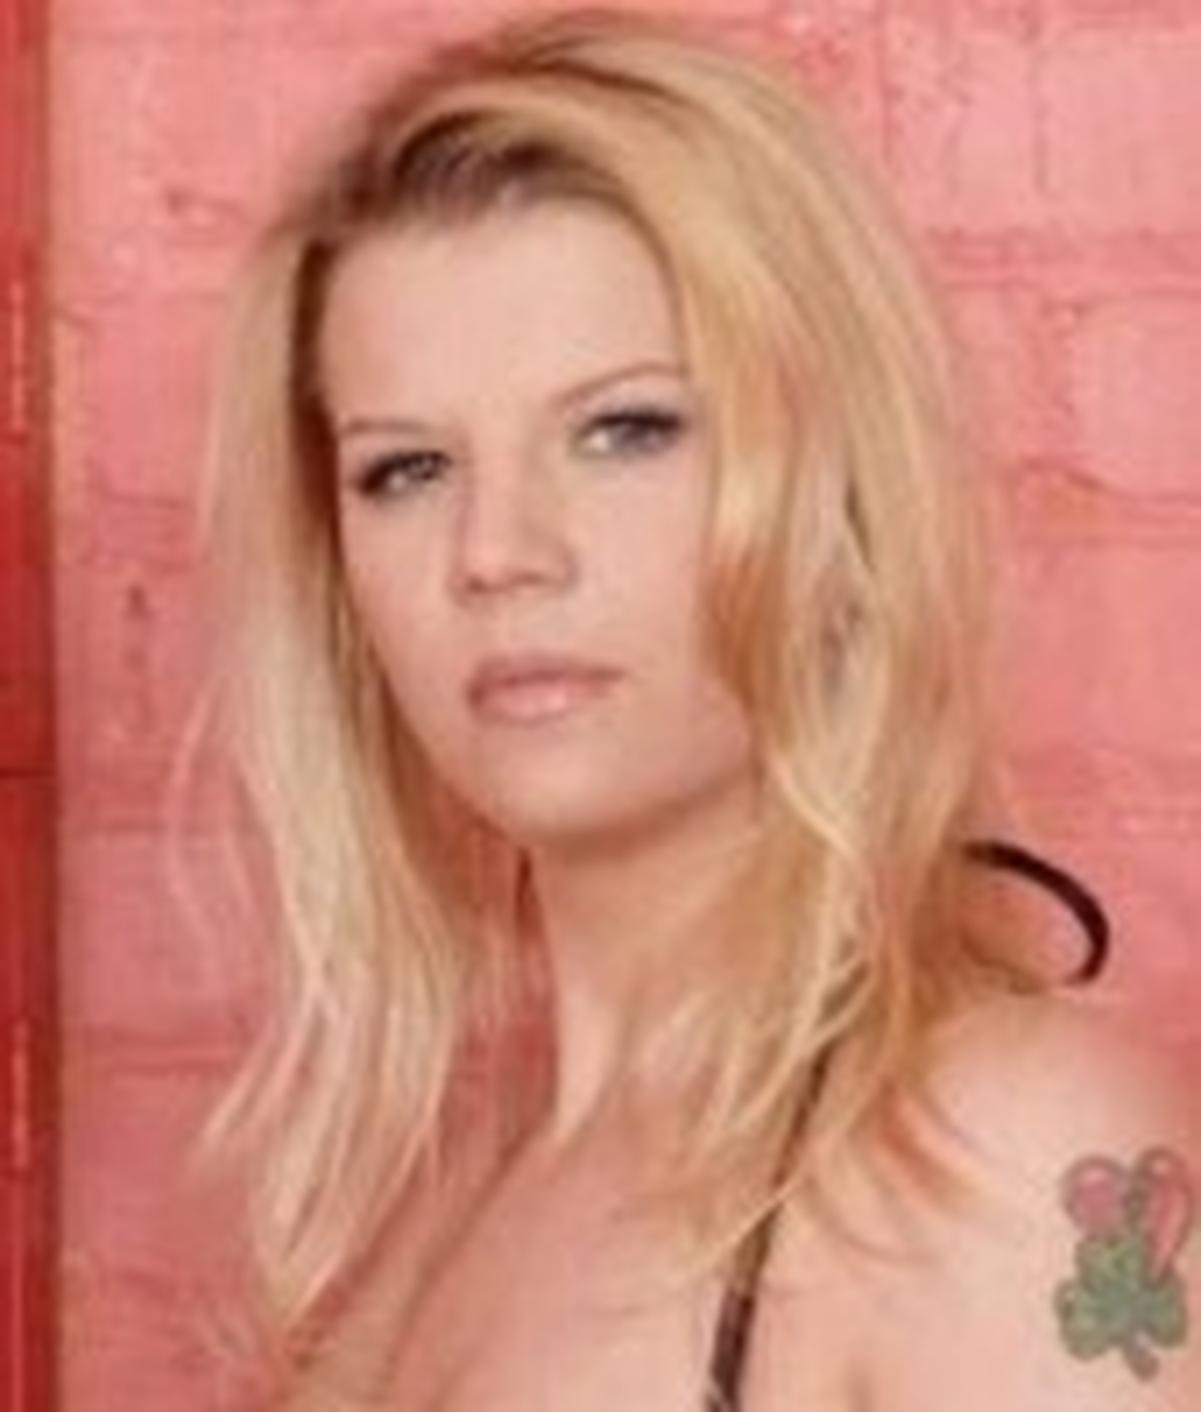 Nikki Blaze